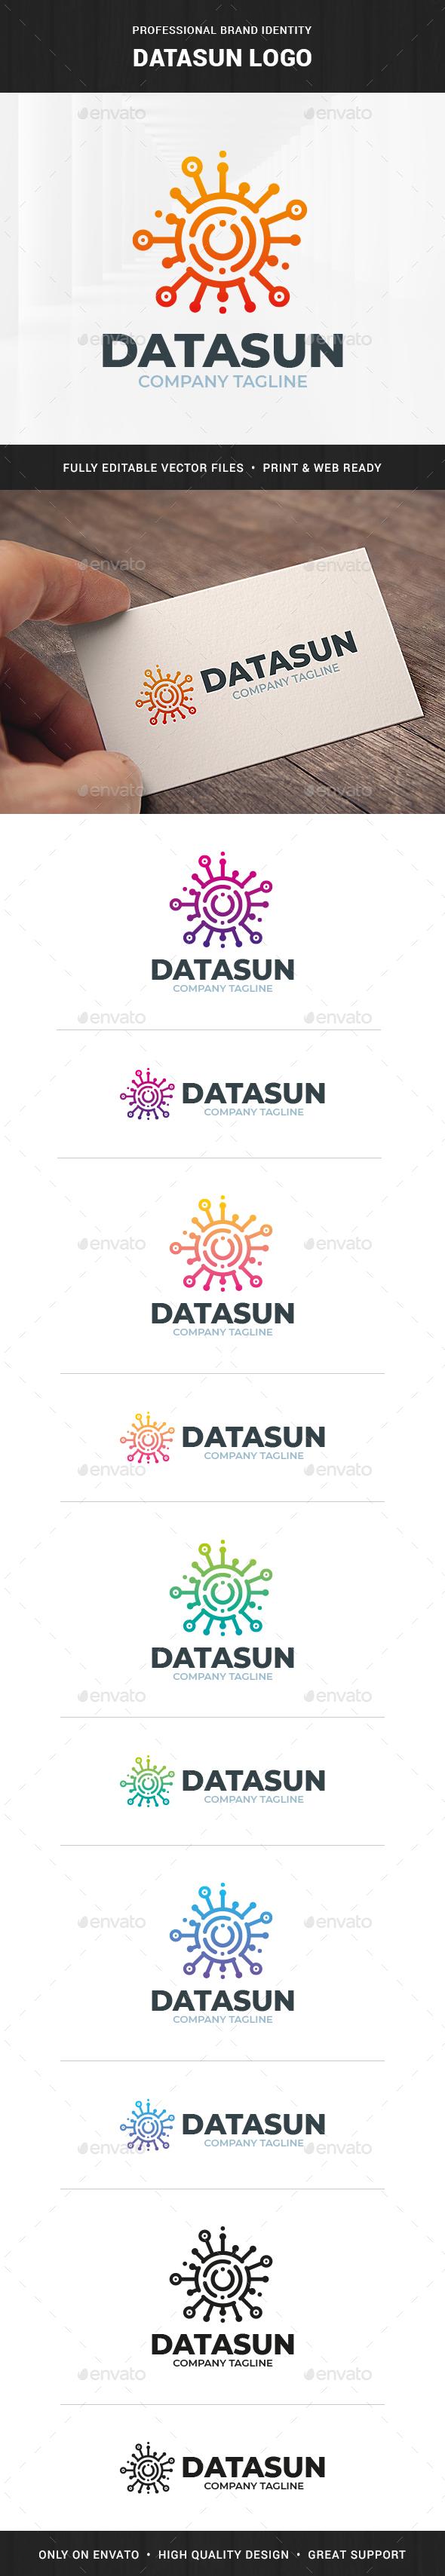 Datasun Logo Template